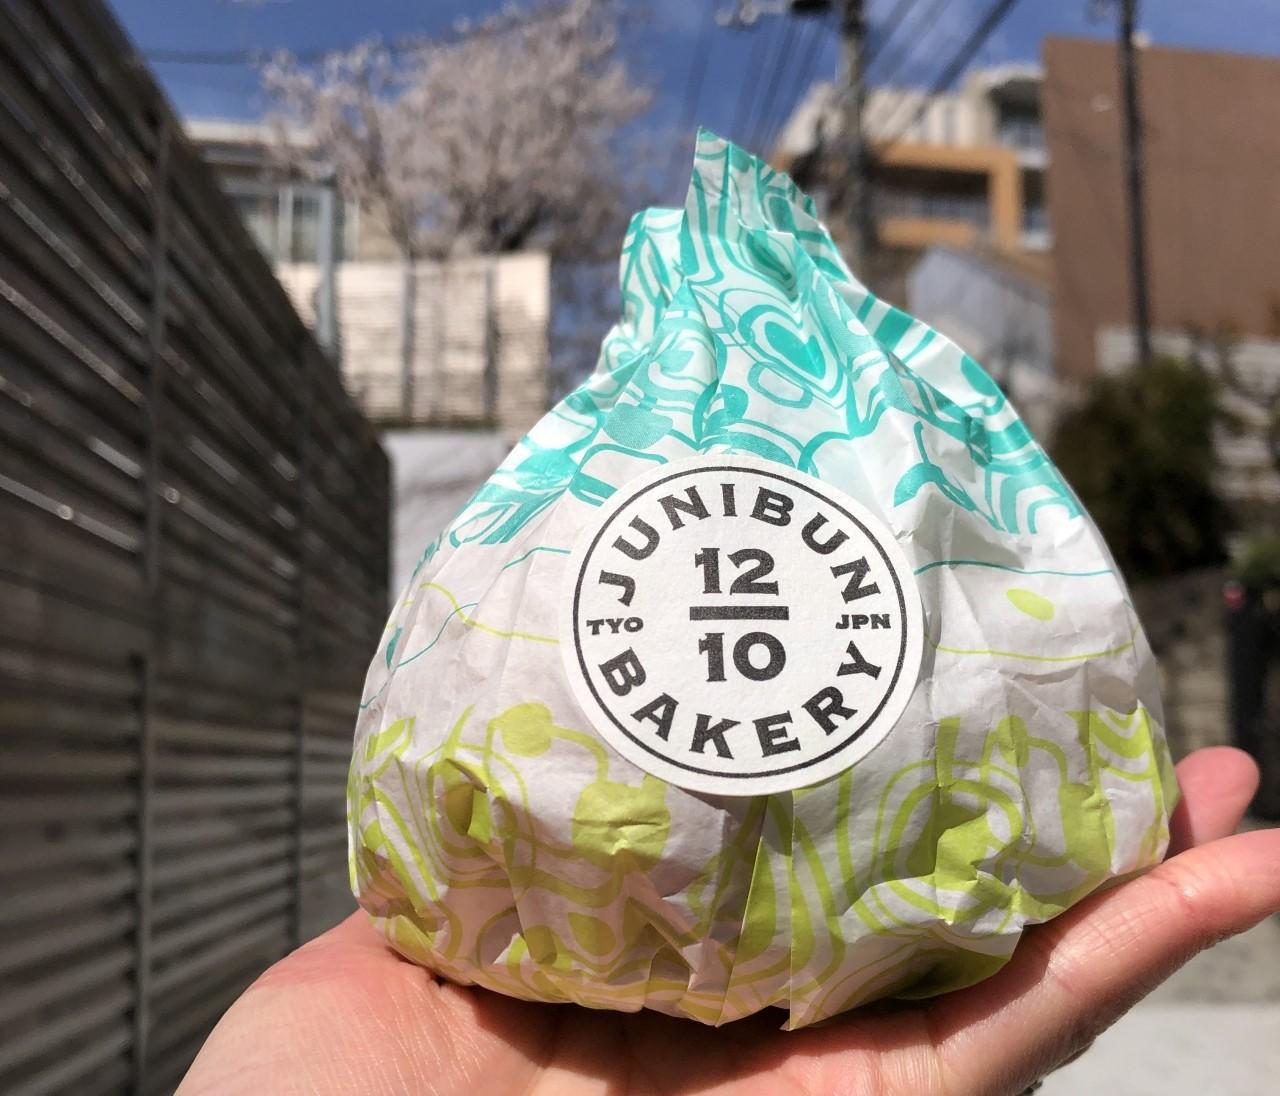 【私のパン活】365日のオーナー杉窪シェフのお店が新宿にも!